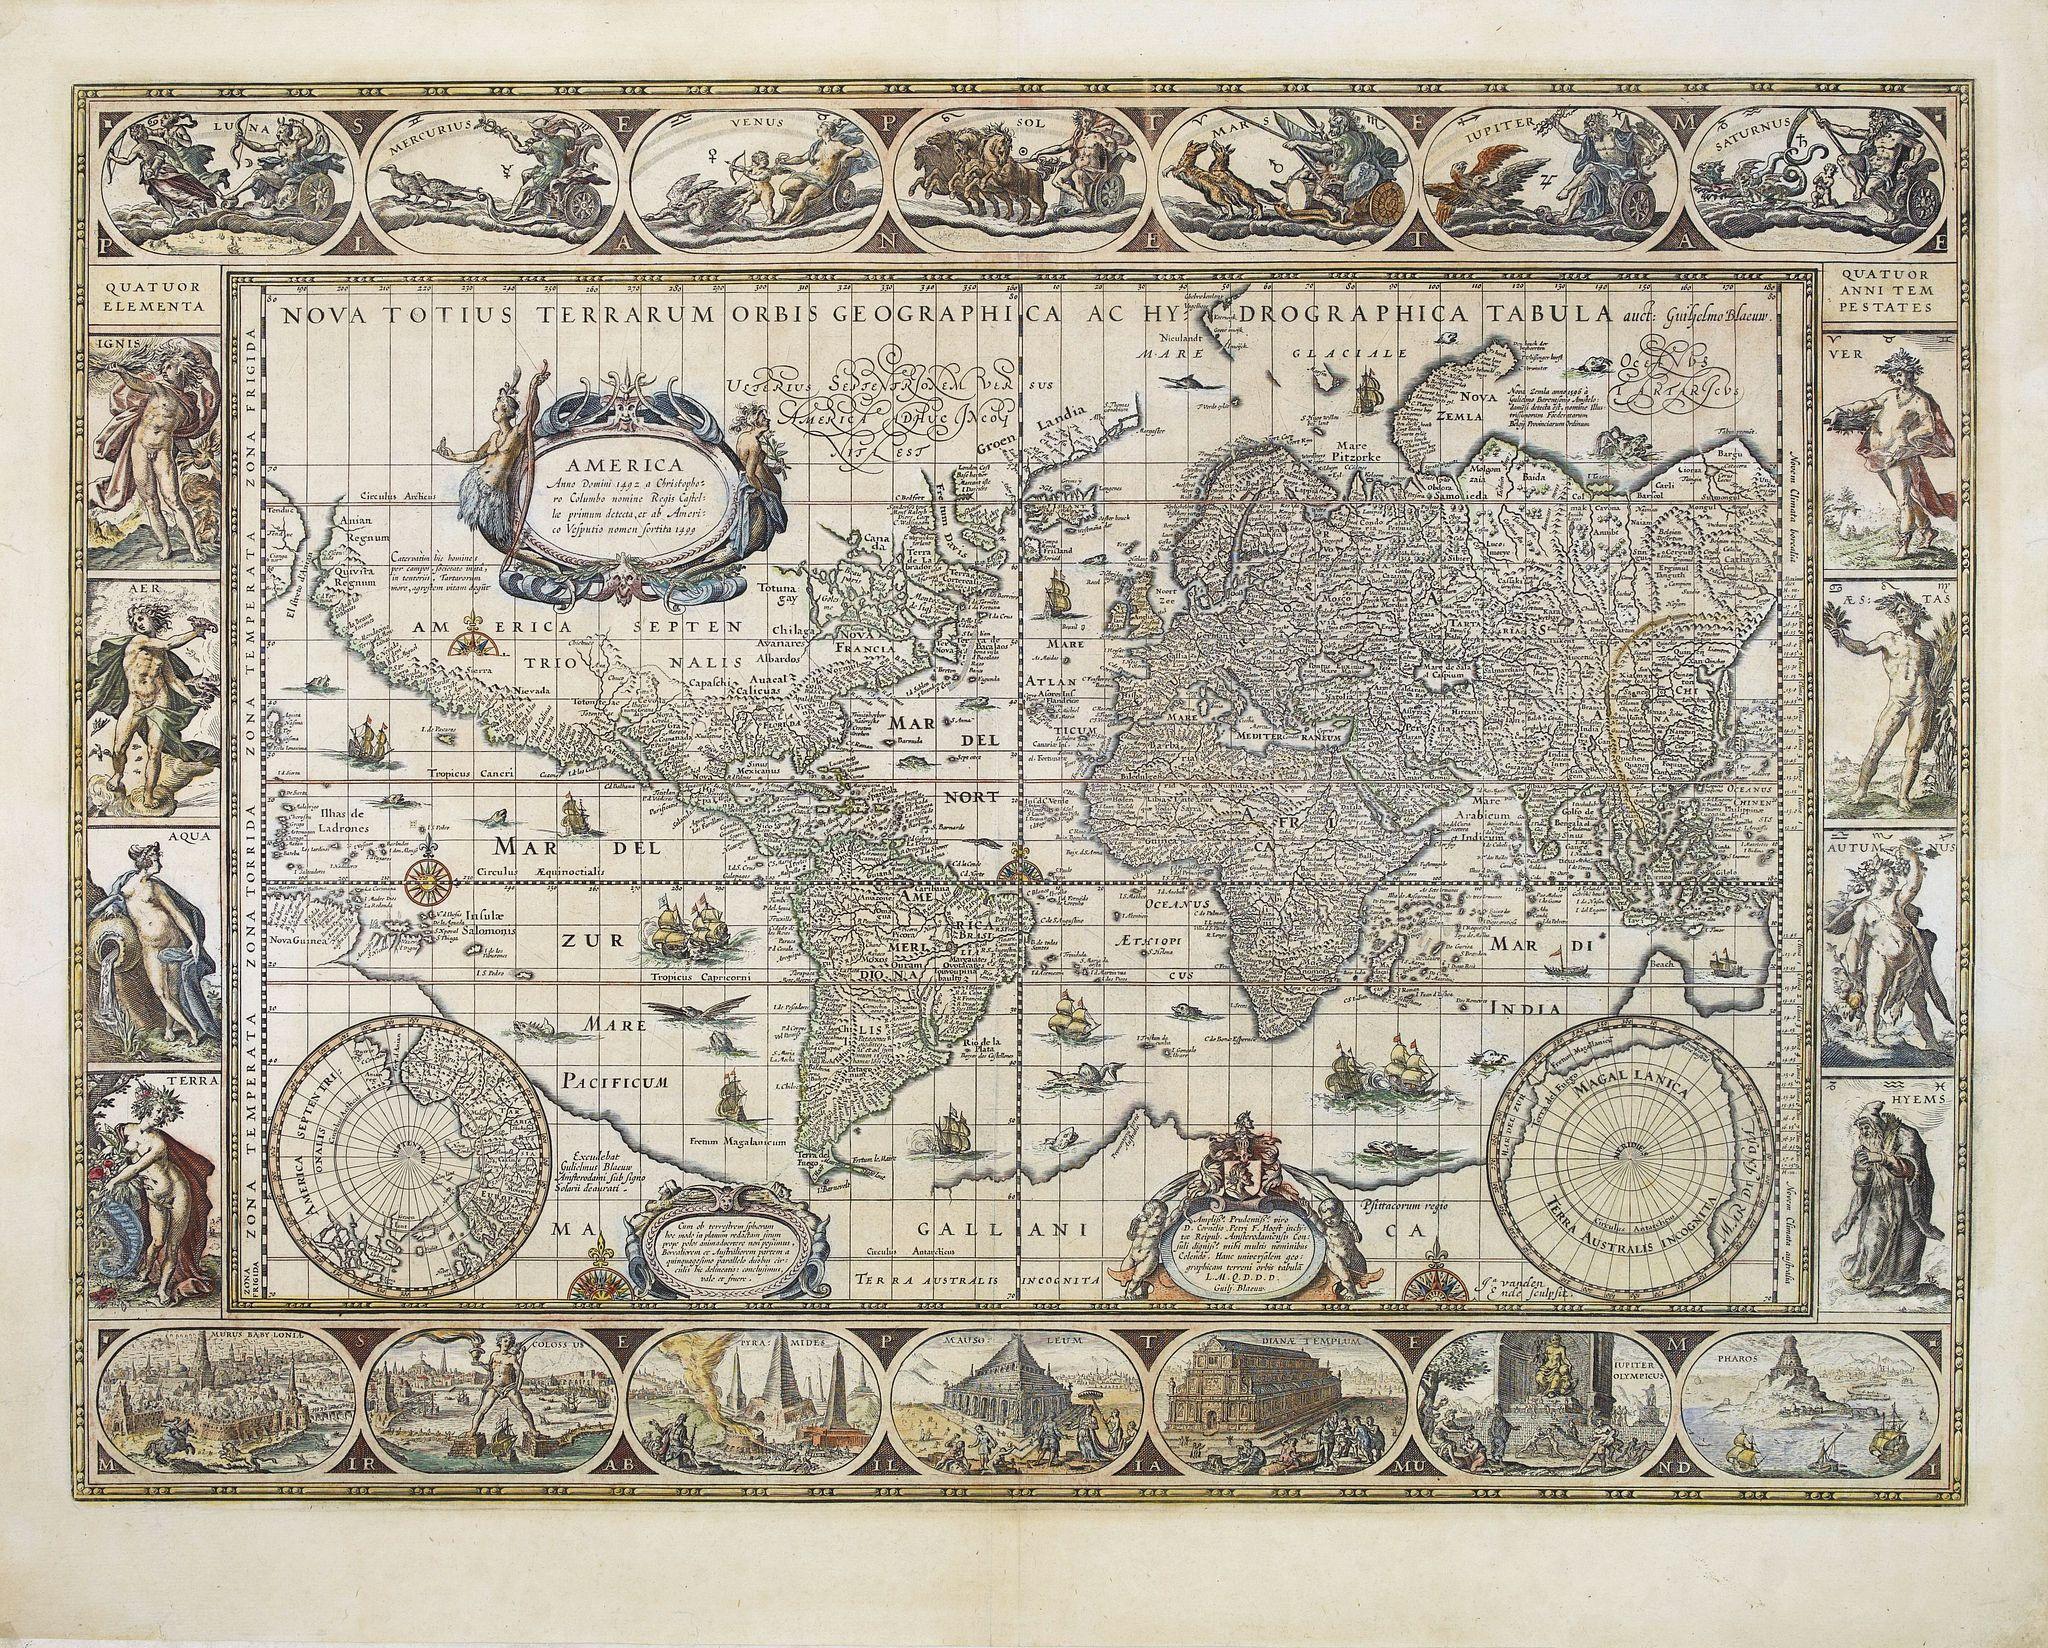 KAERIUS, P. -  Nova Totius Terrarum Orbis Geographica . . .